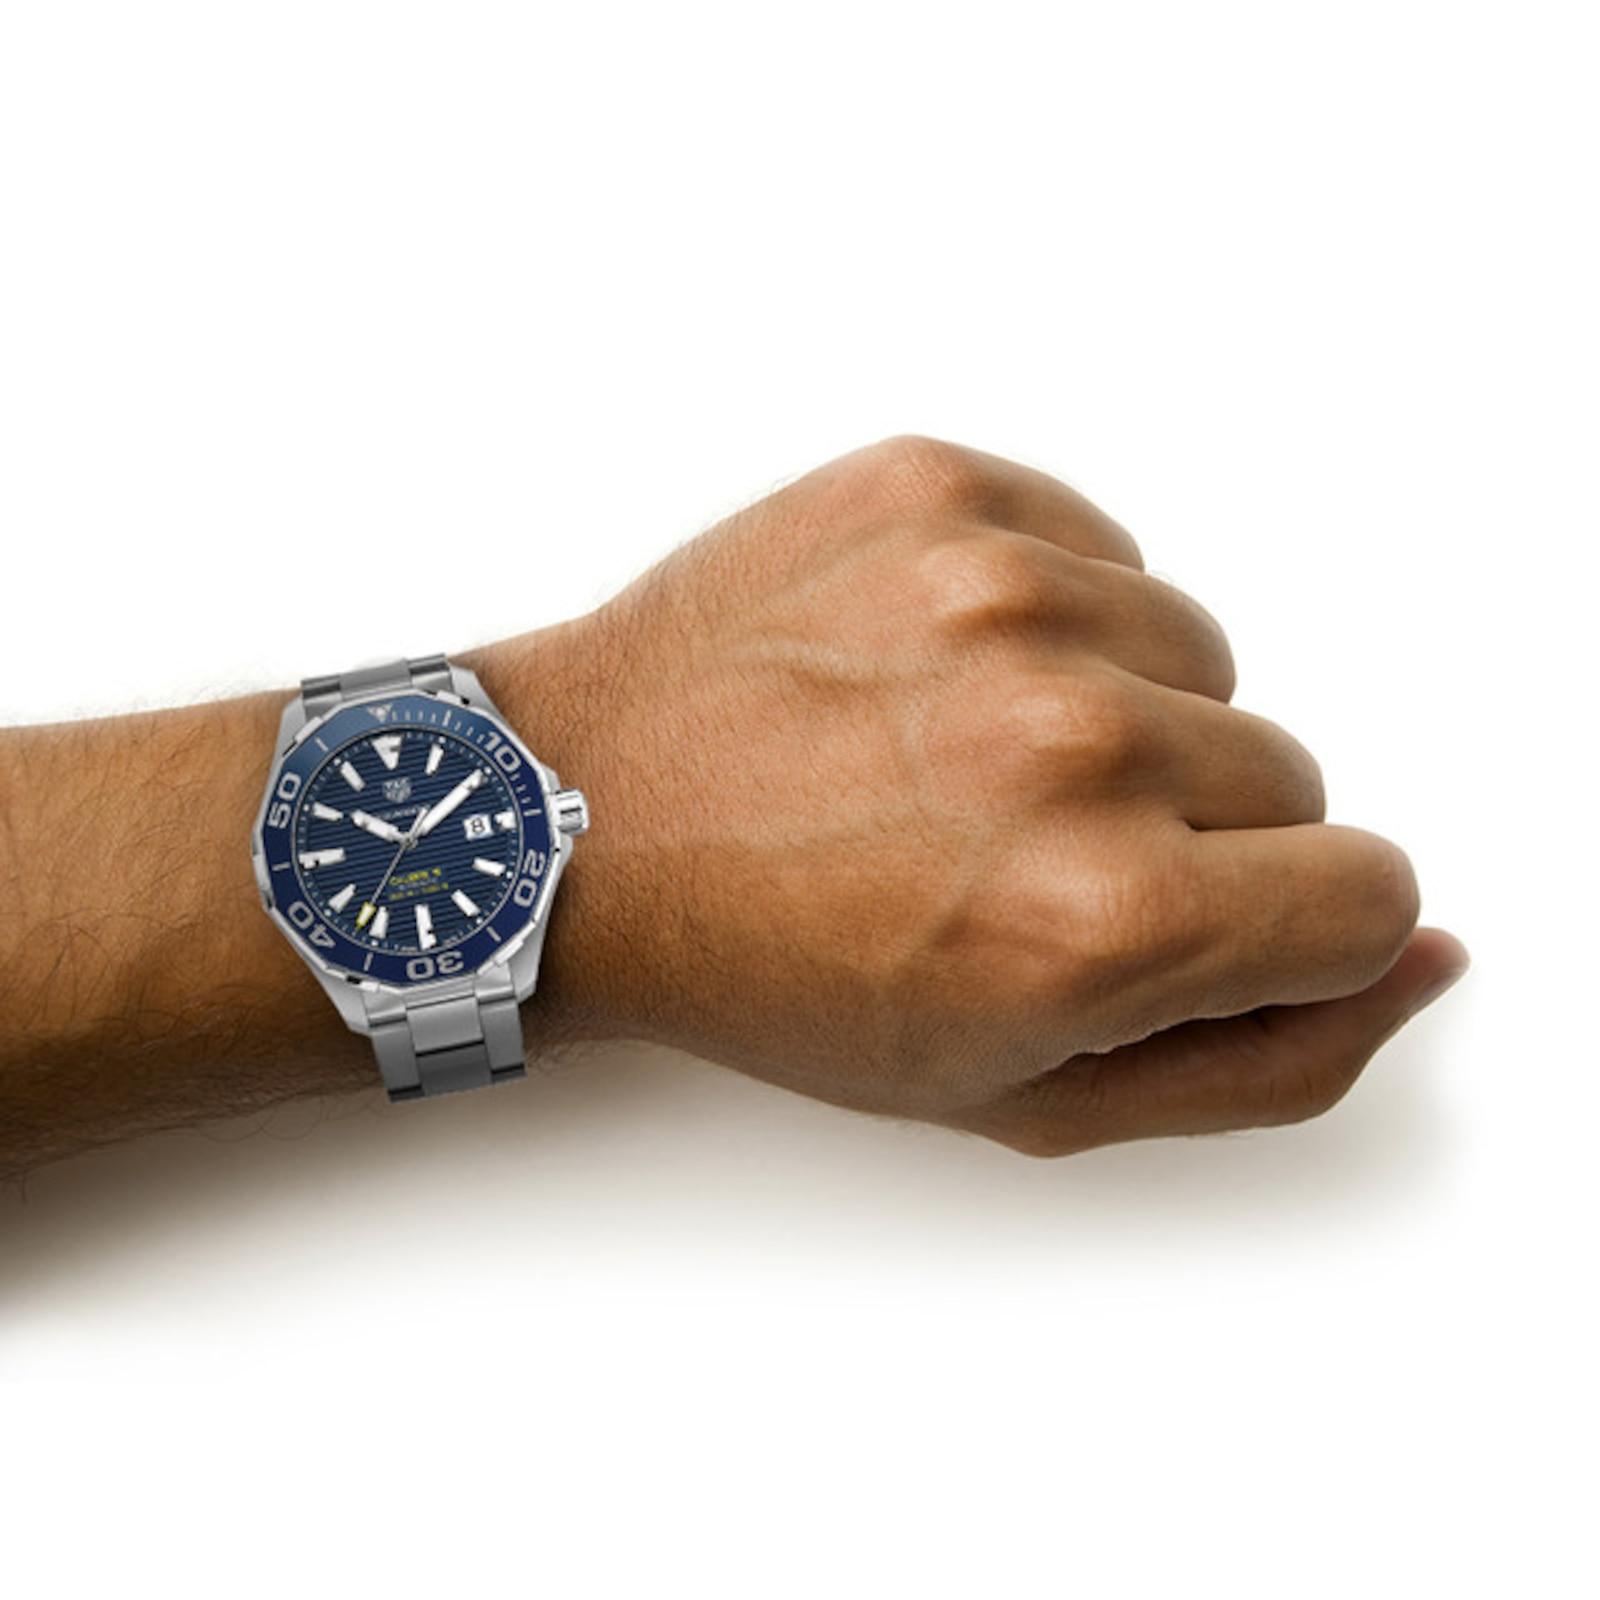 TAG Heuer Aquaracer 300M Calibre 5 43mm Ceramic Bezel Mens Watch